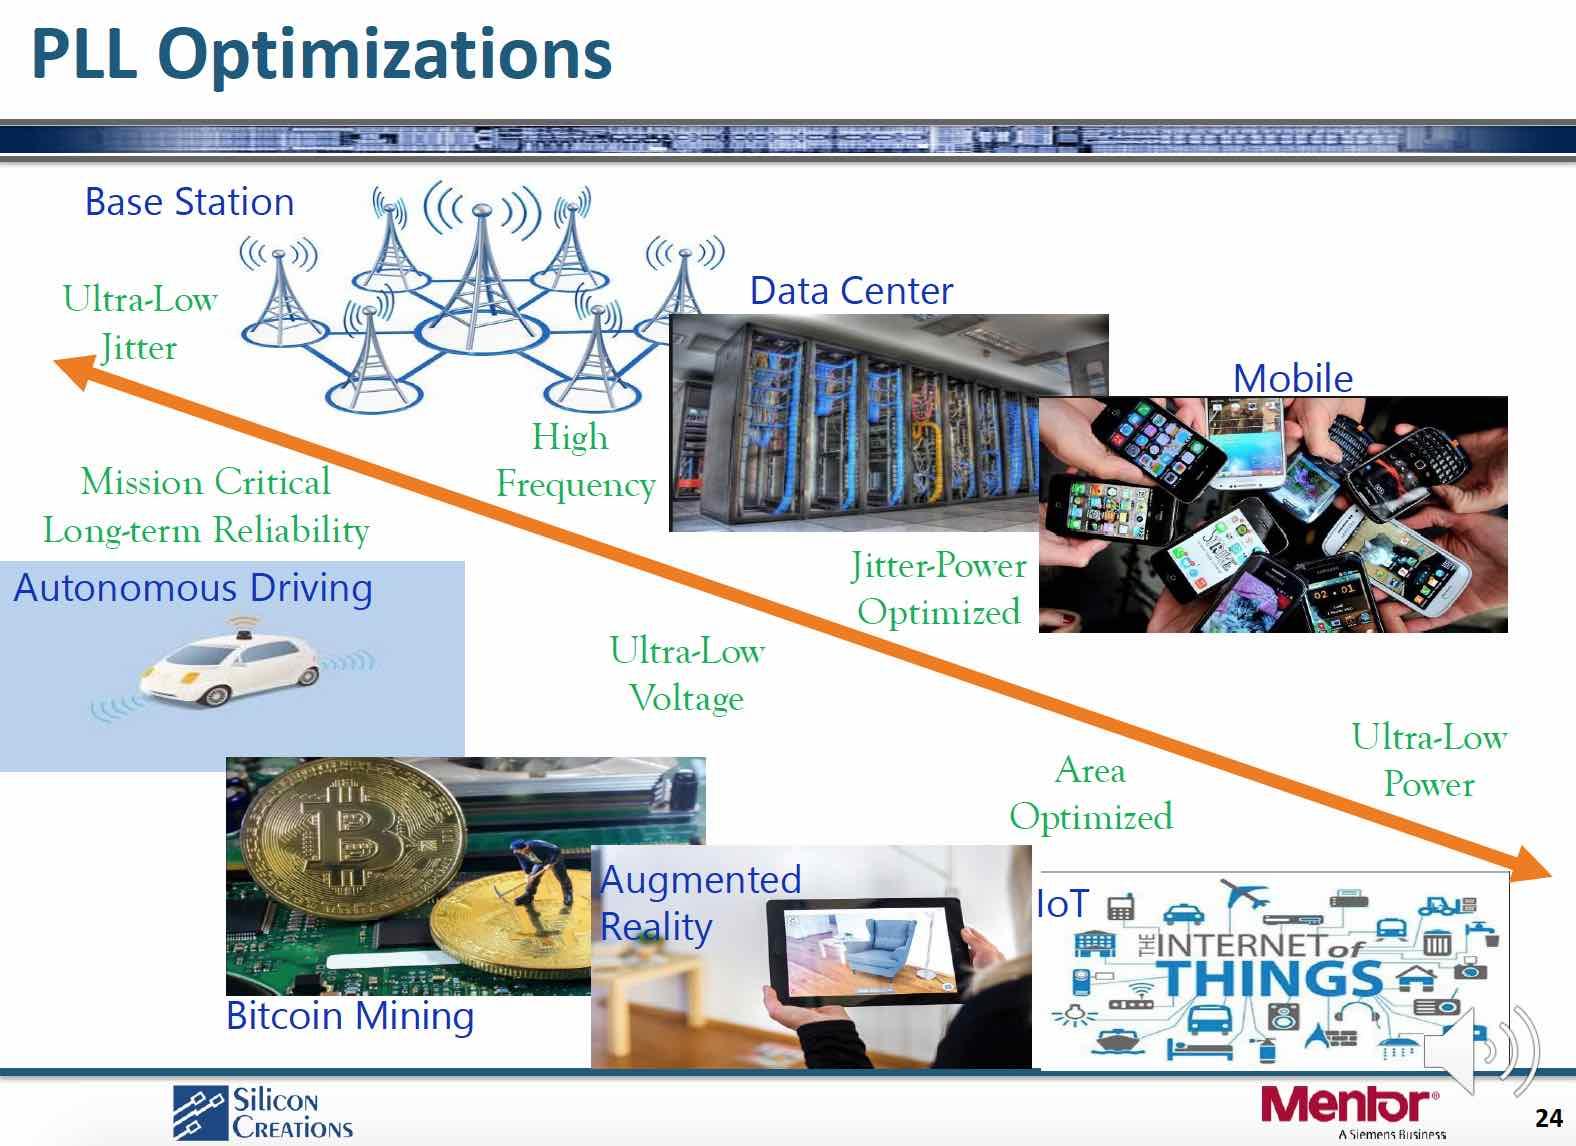 PLL Optimizations